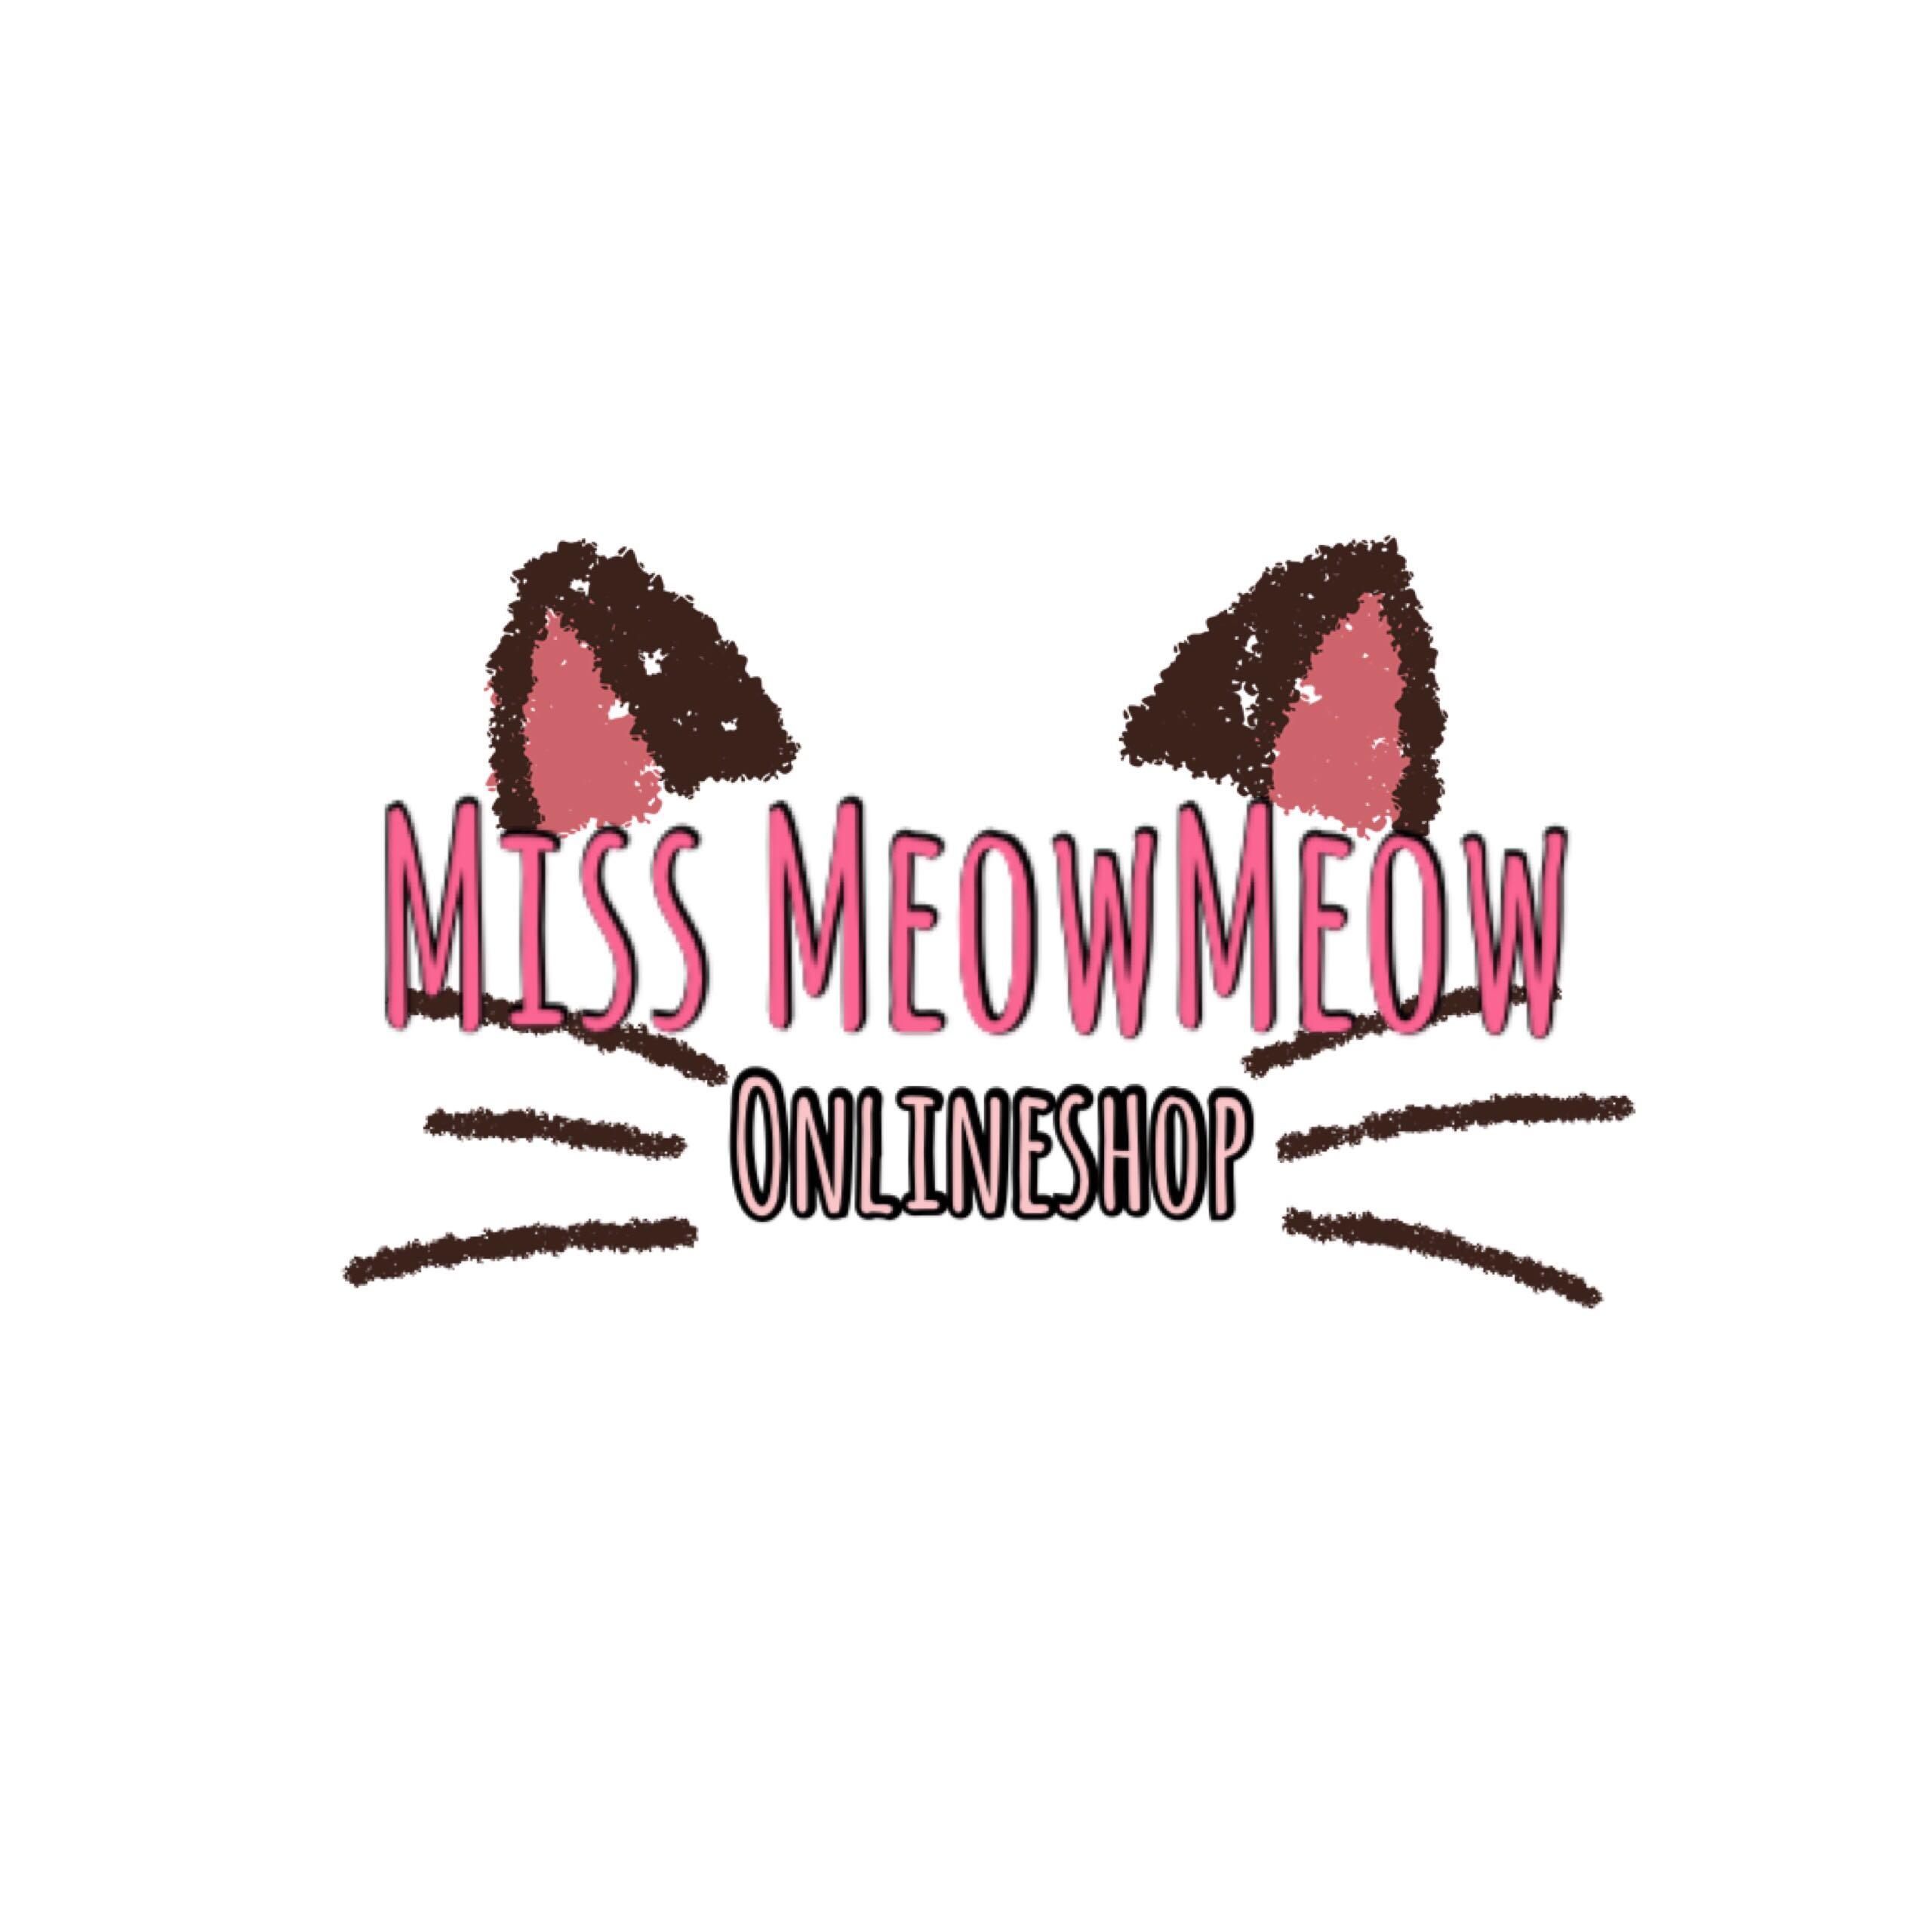 missmeowmeow